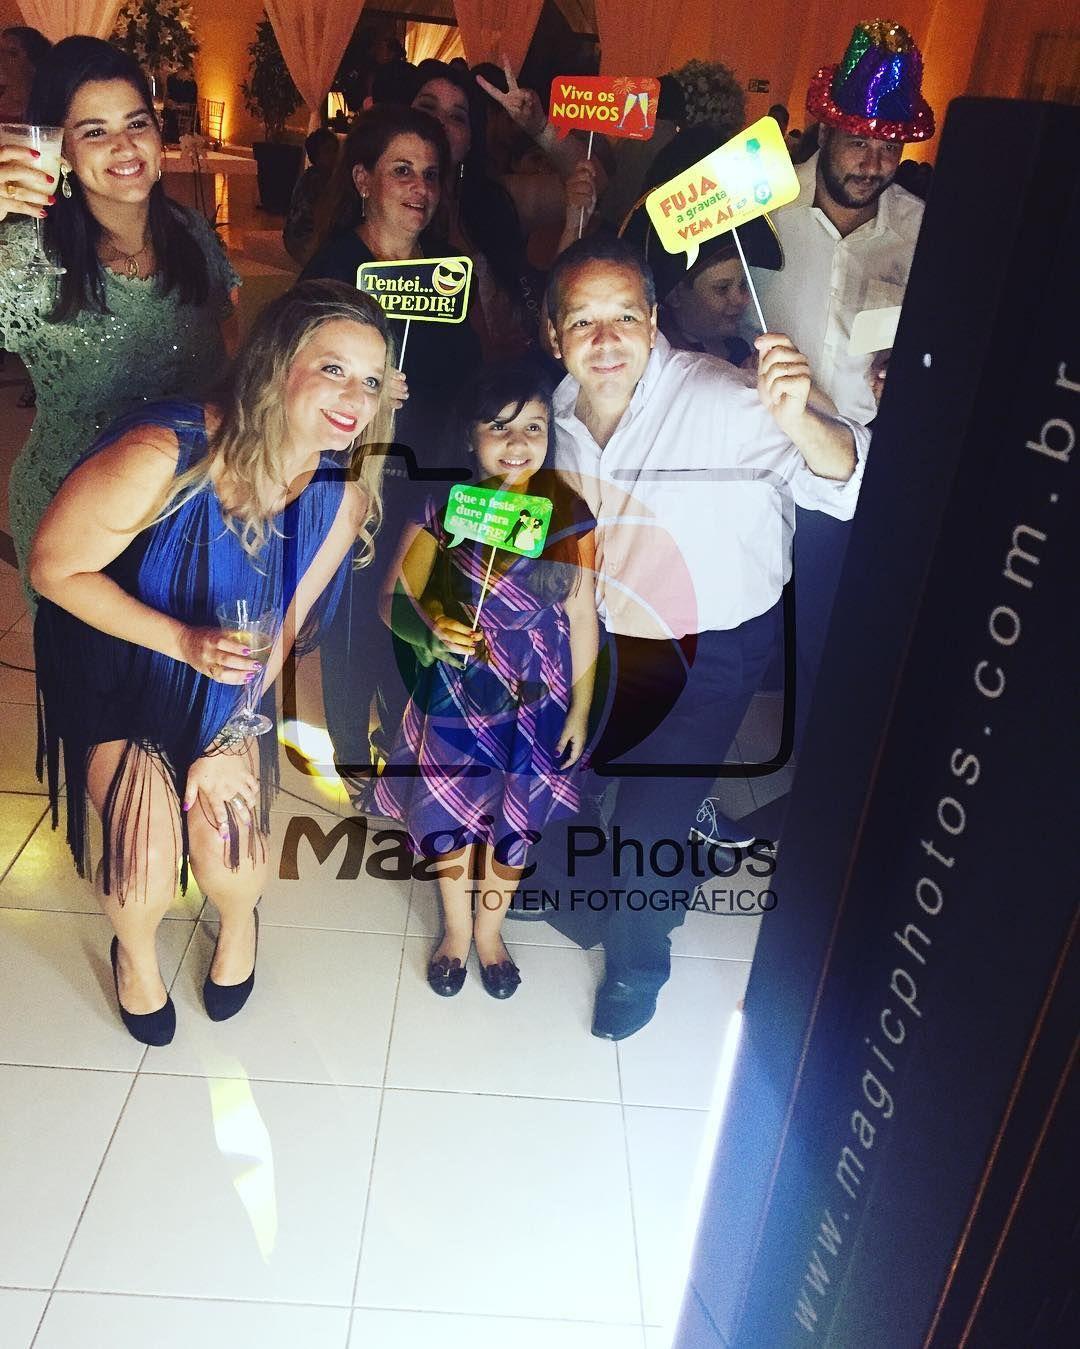 O Toten Magic não tem idade nem tamanho! É diversão sem TAMANHO! Acesse nosso site www.magicphotos.com.br  #totenmagic #toten #totenmagic #magicphotos #wedding #weddingdress #weddingday #photographer #goprouniverse #love #magicphotosvr #married #weddinginspiration #weddingideas #weddingfunny #photographers #noiva #noivasdobrasil #married #photograpy #photo #fotografia #fujifilm #fantasia #fest #Alamango #Bridal #Textiles #Wedding #AlamangoBridal #AlamangoTextiles #Malta #LoveMalta…